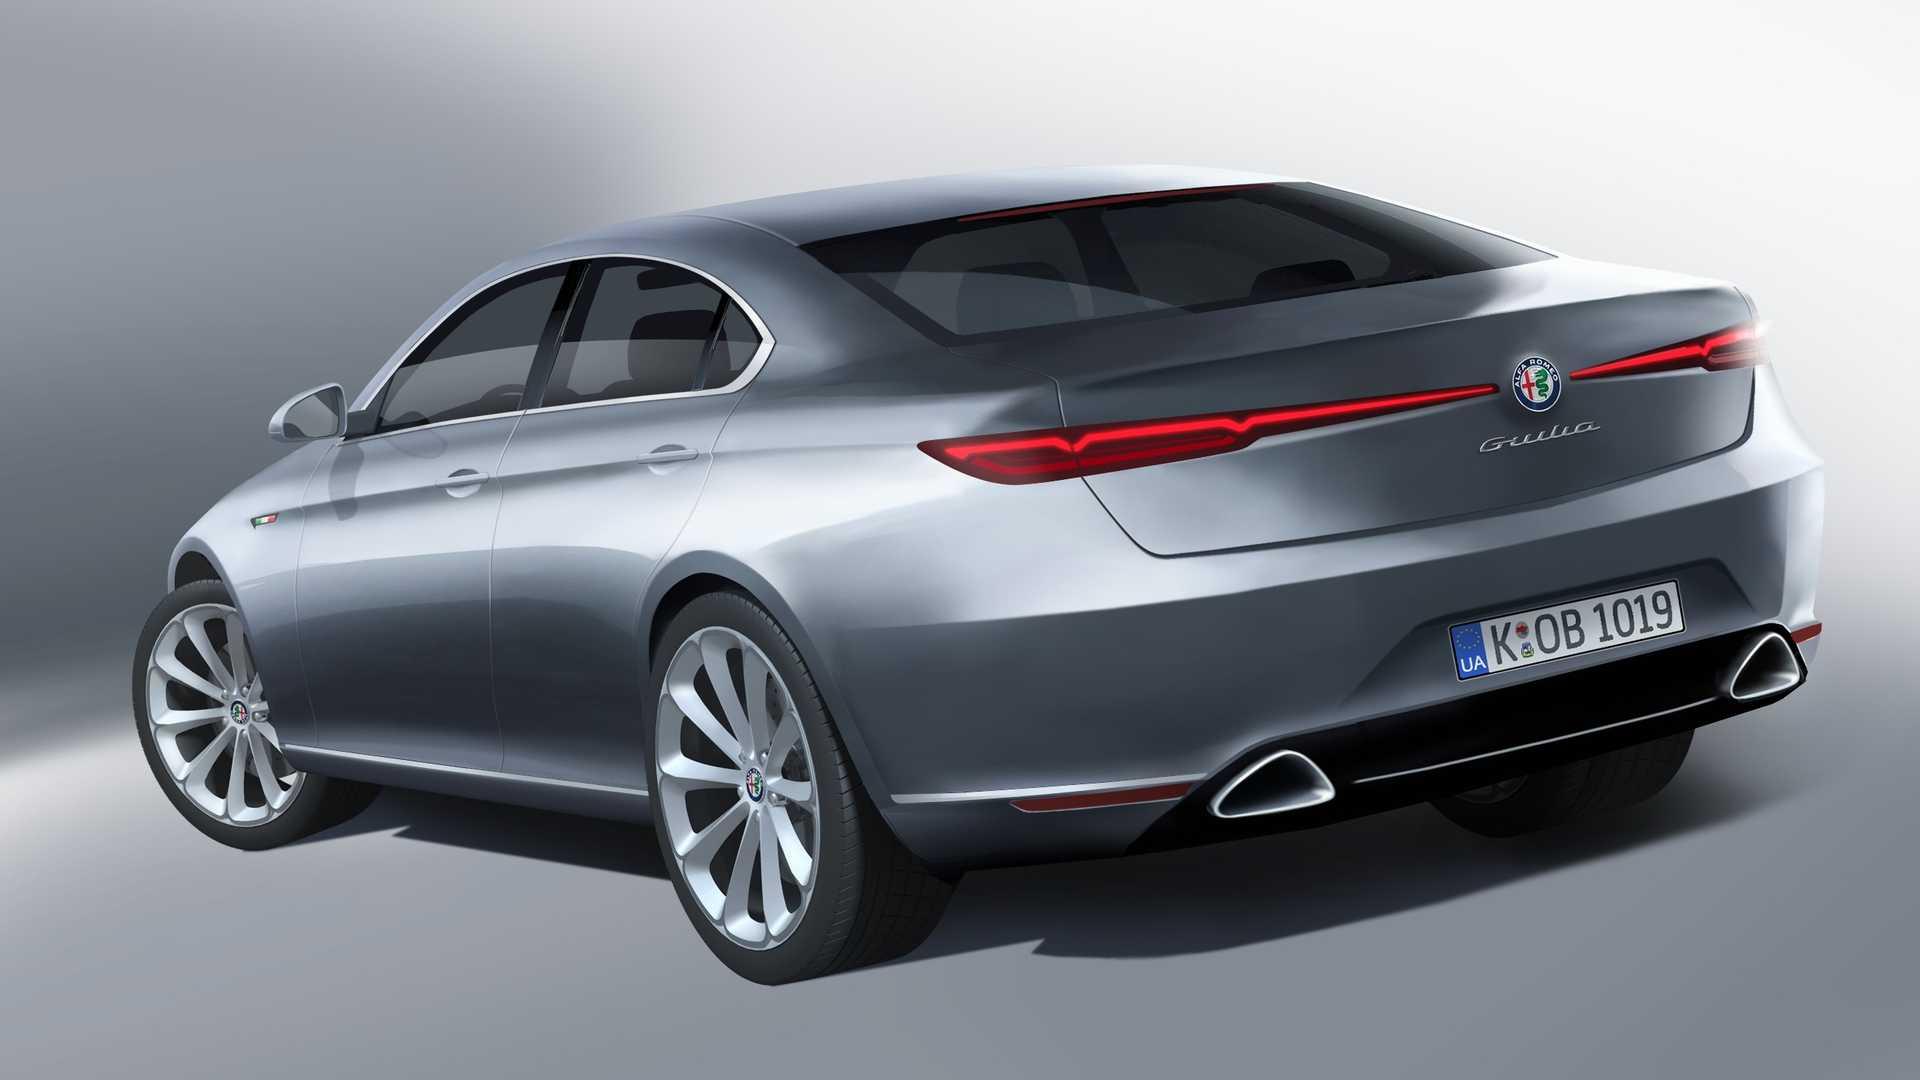 Alfa Romeo Giulia nuova generazione render